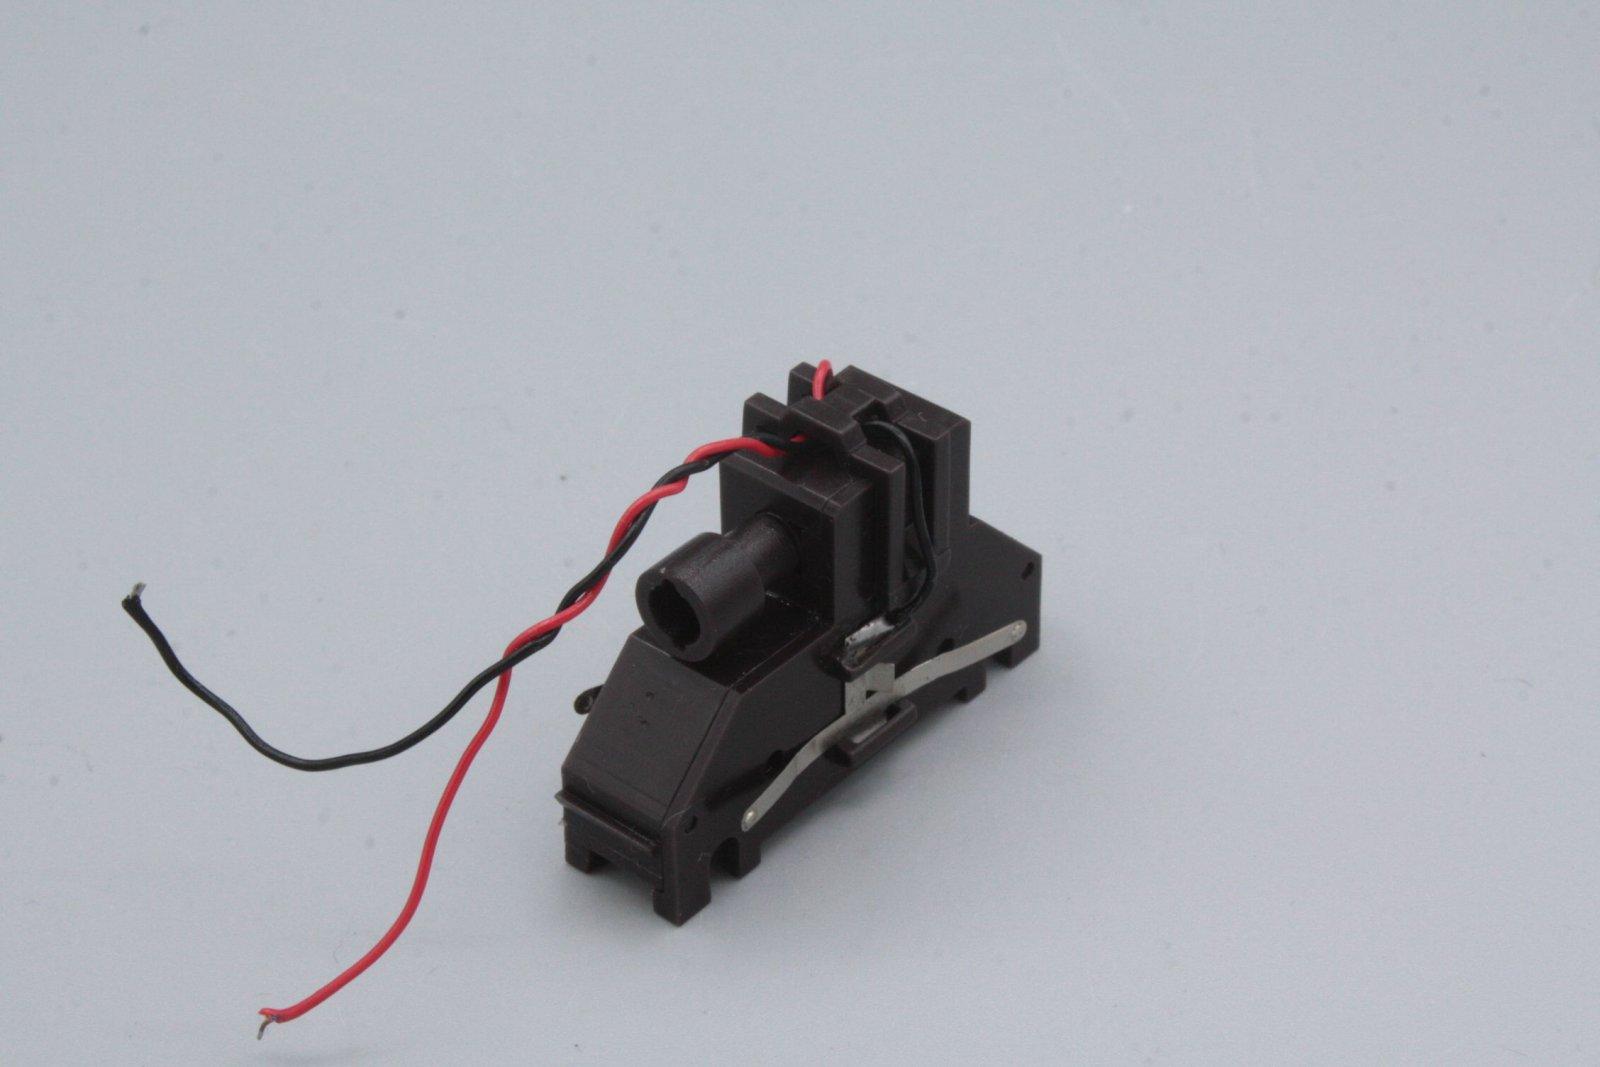 Ersatzteil Piko 218 Getriebe braun Variante 1 für gerade Blende